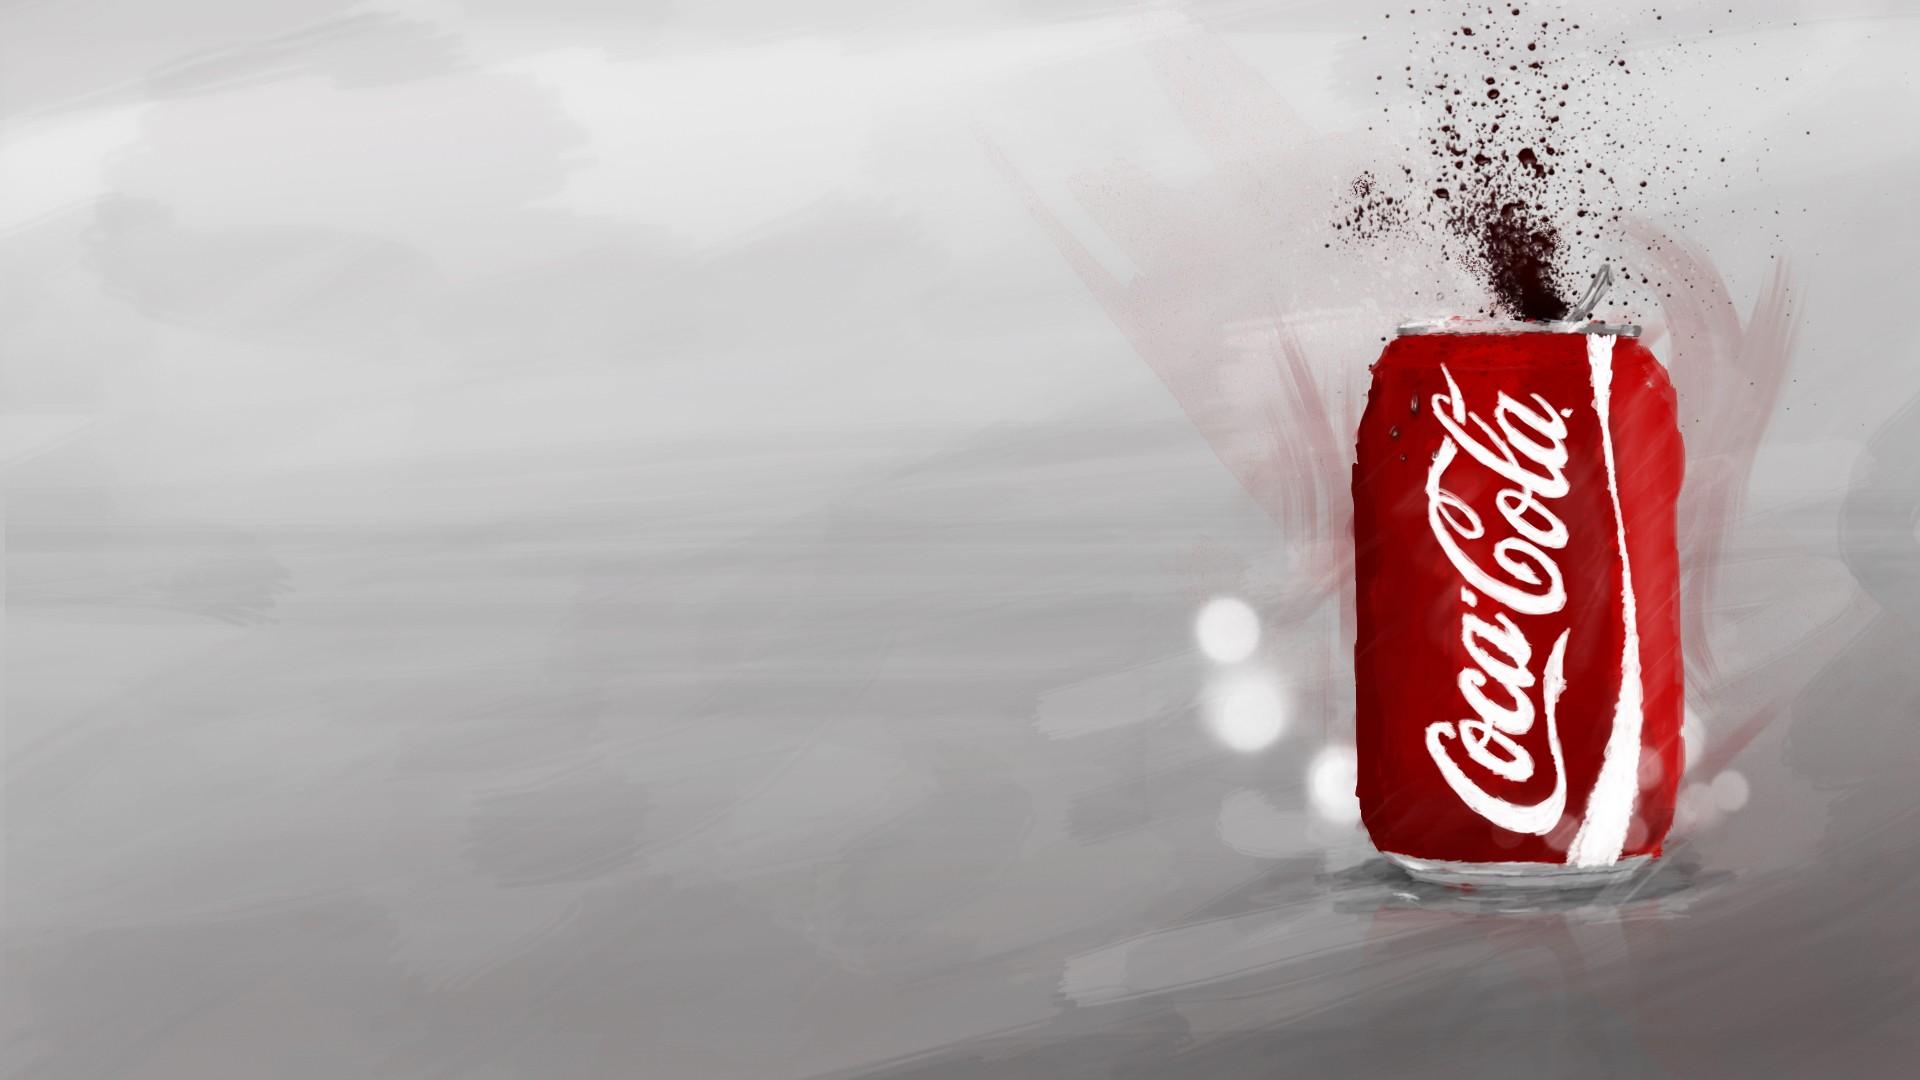 coca cola hd wallpaper (4)